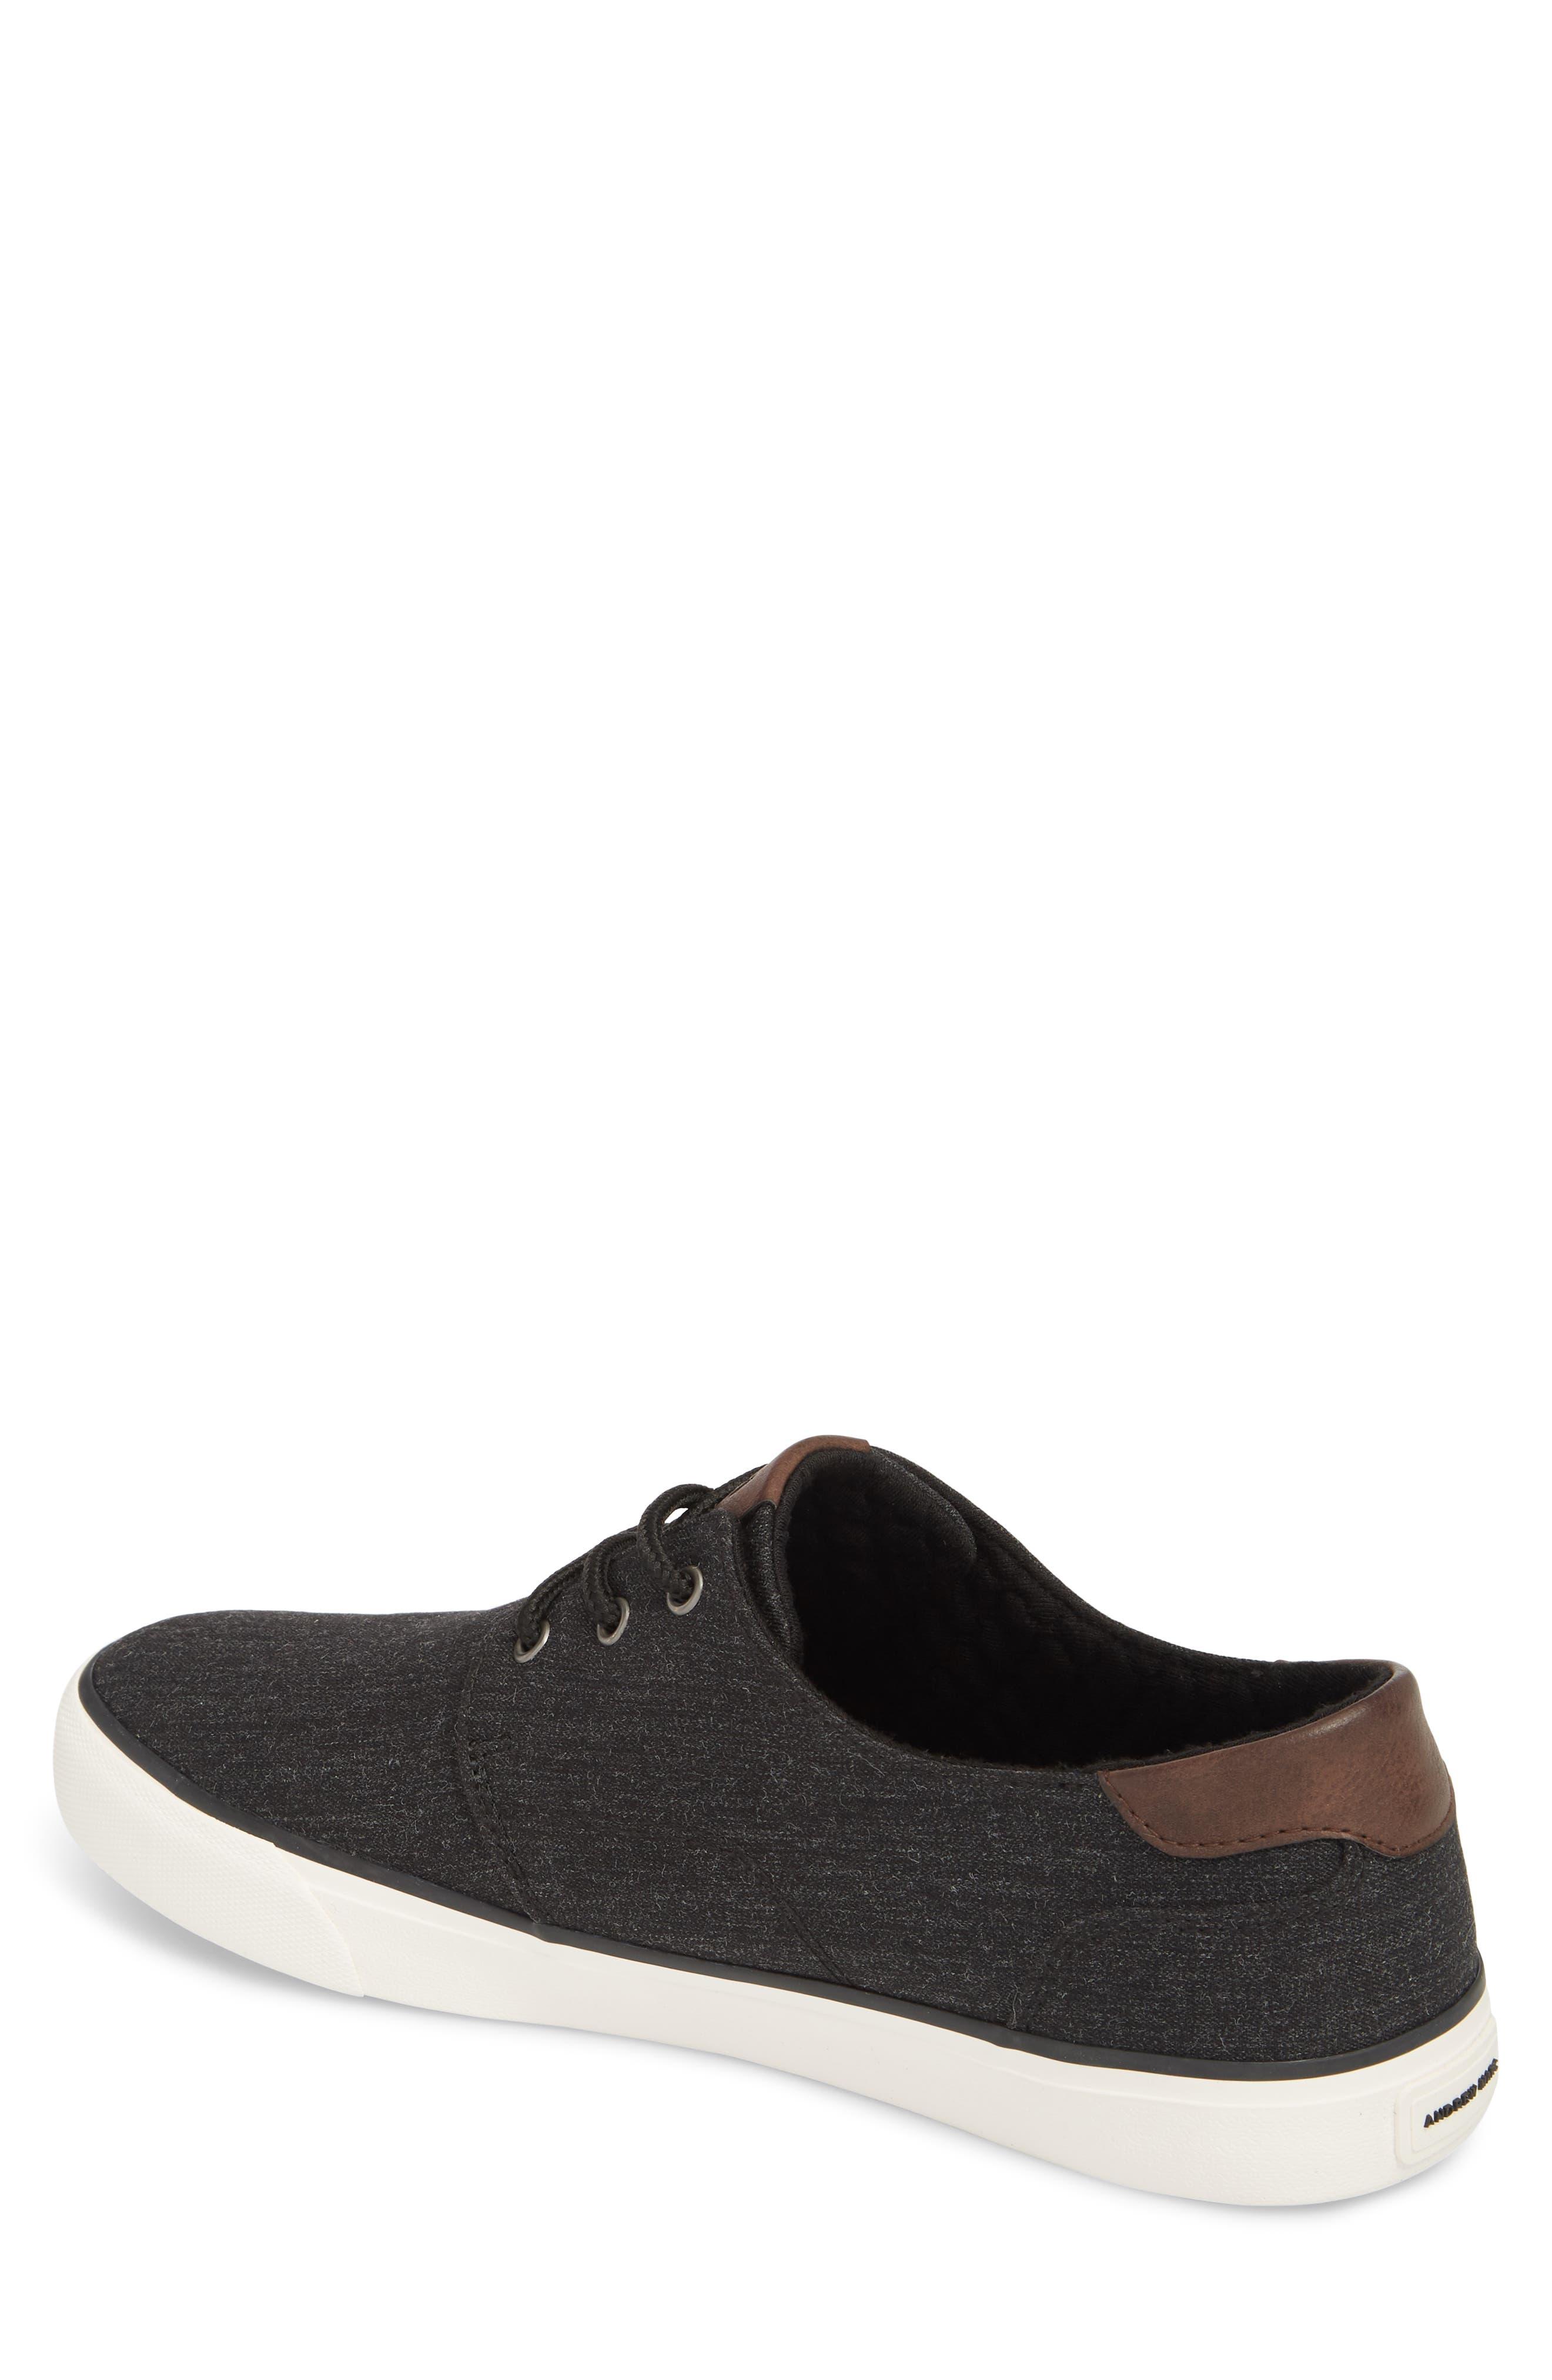 Briggs Low Top Sneaker,                             Alternate thumbnail 2, color,                             001